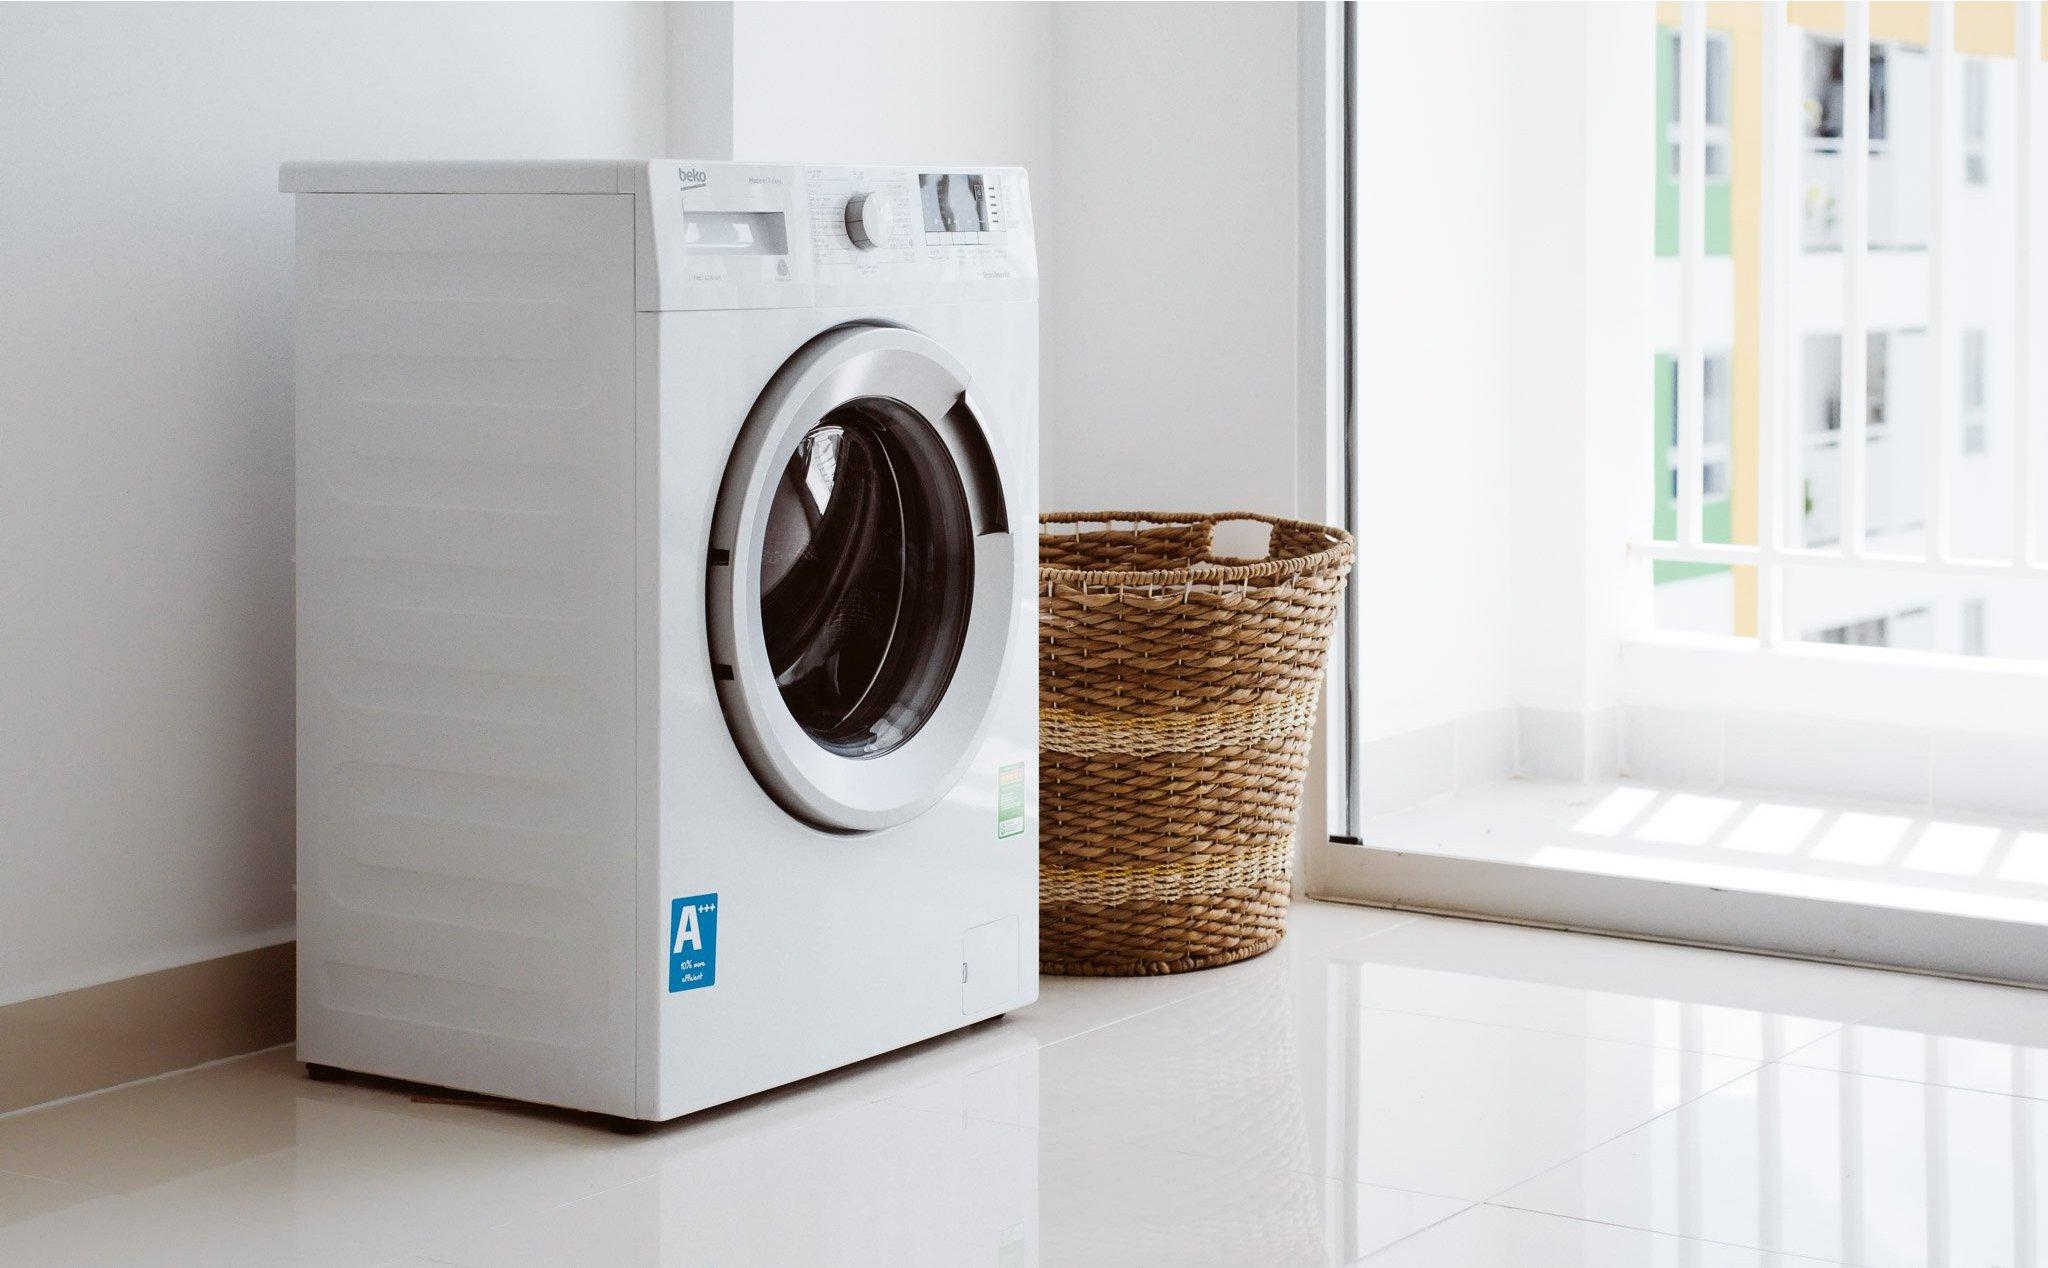 Bí quyết sử dụng máy giặt lâu bền